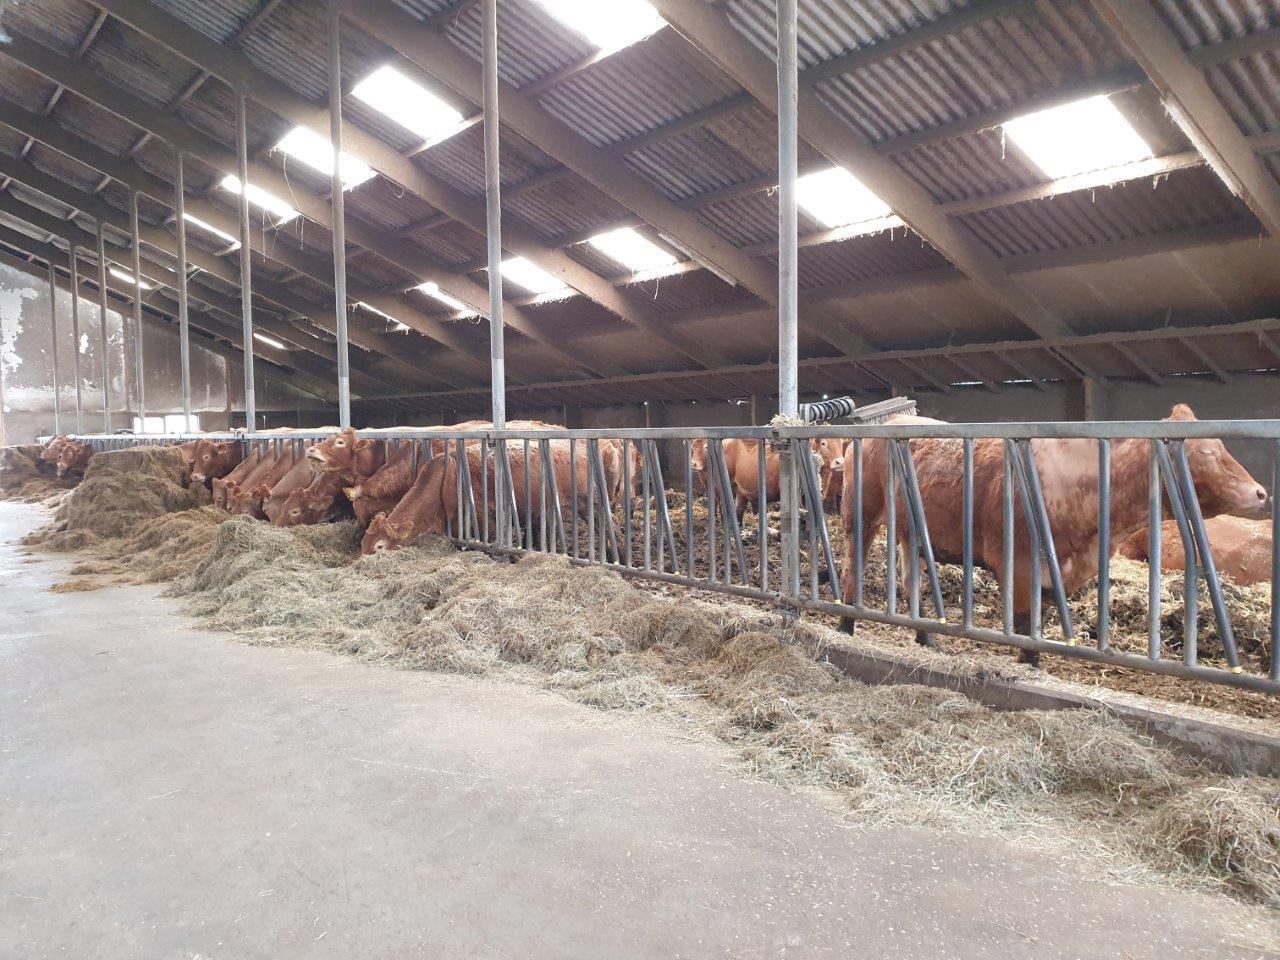 Koeienstal met Huismussen